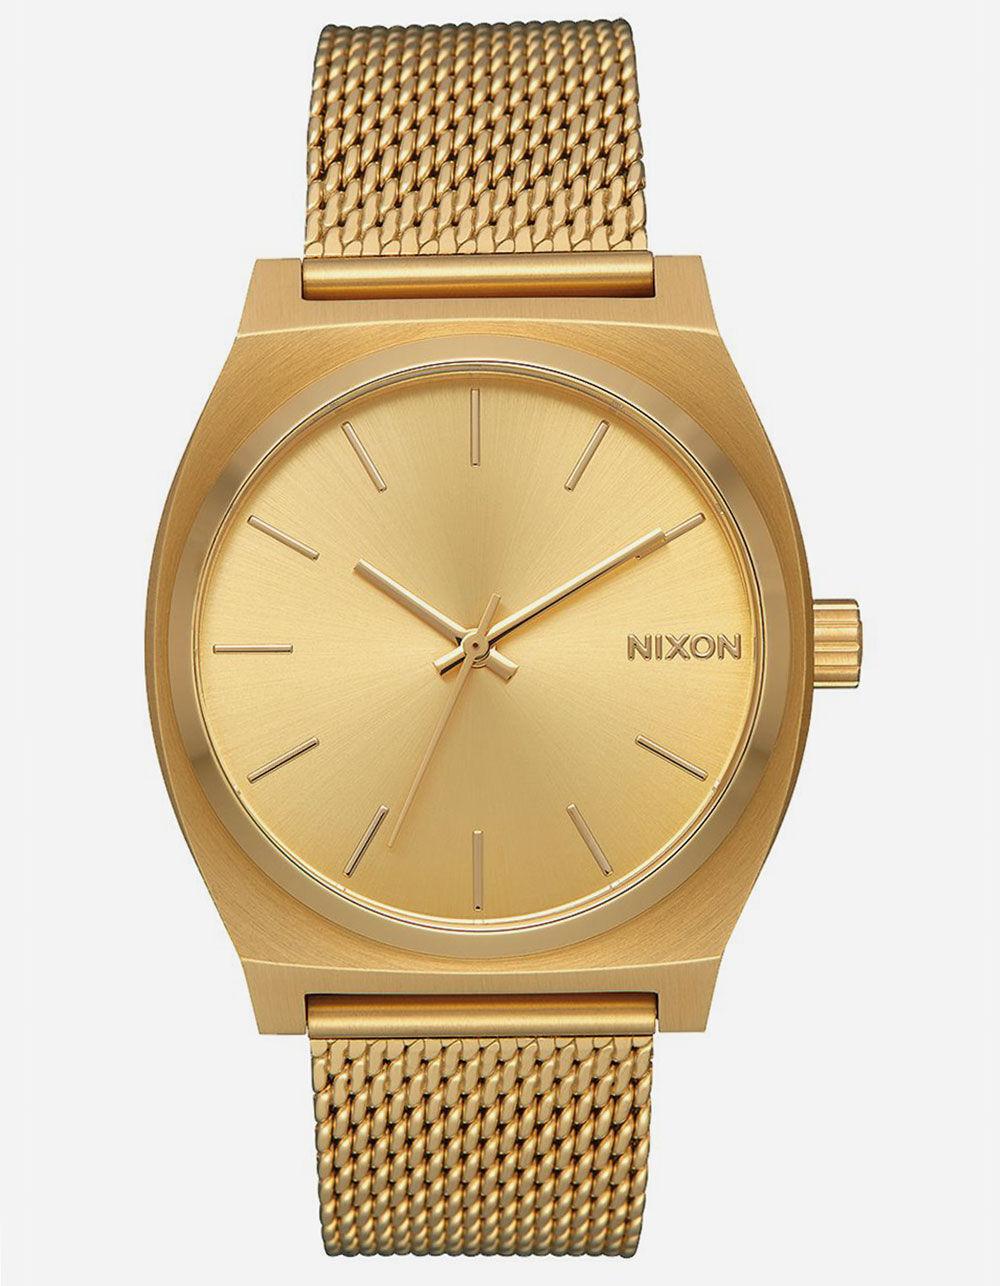 NIXON Time Teller Milanese Gold Watch